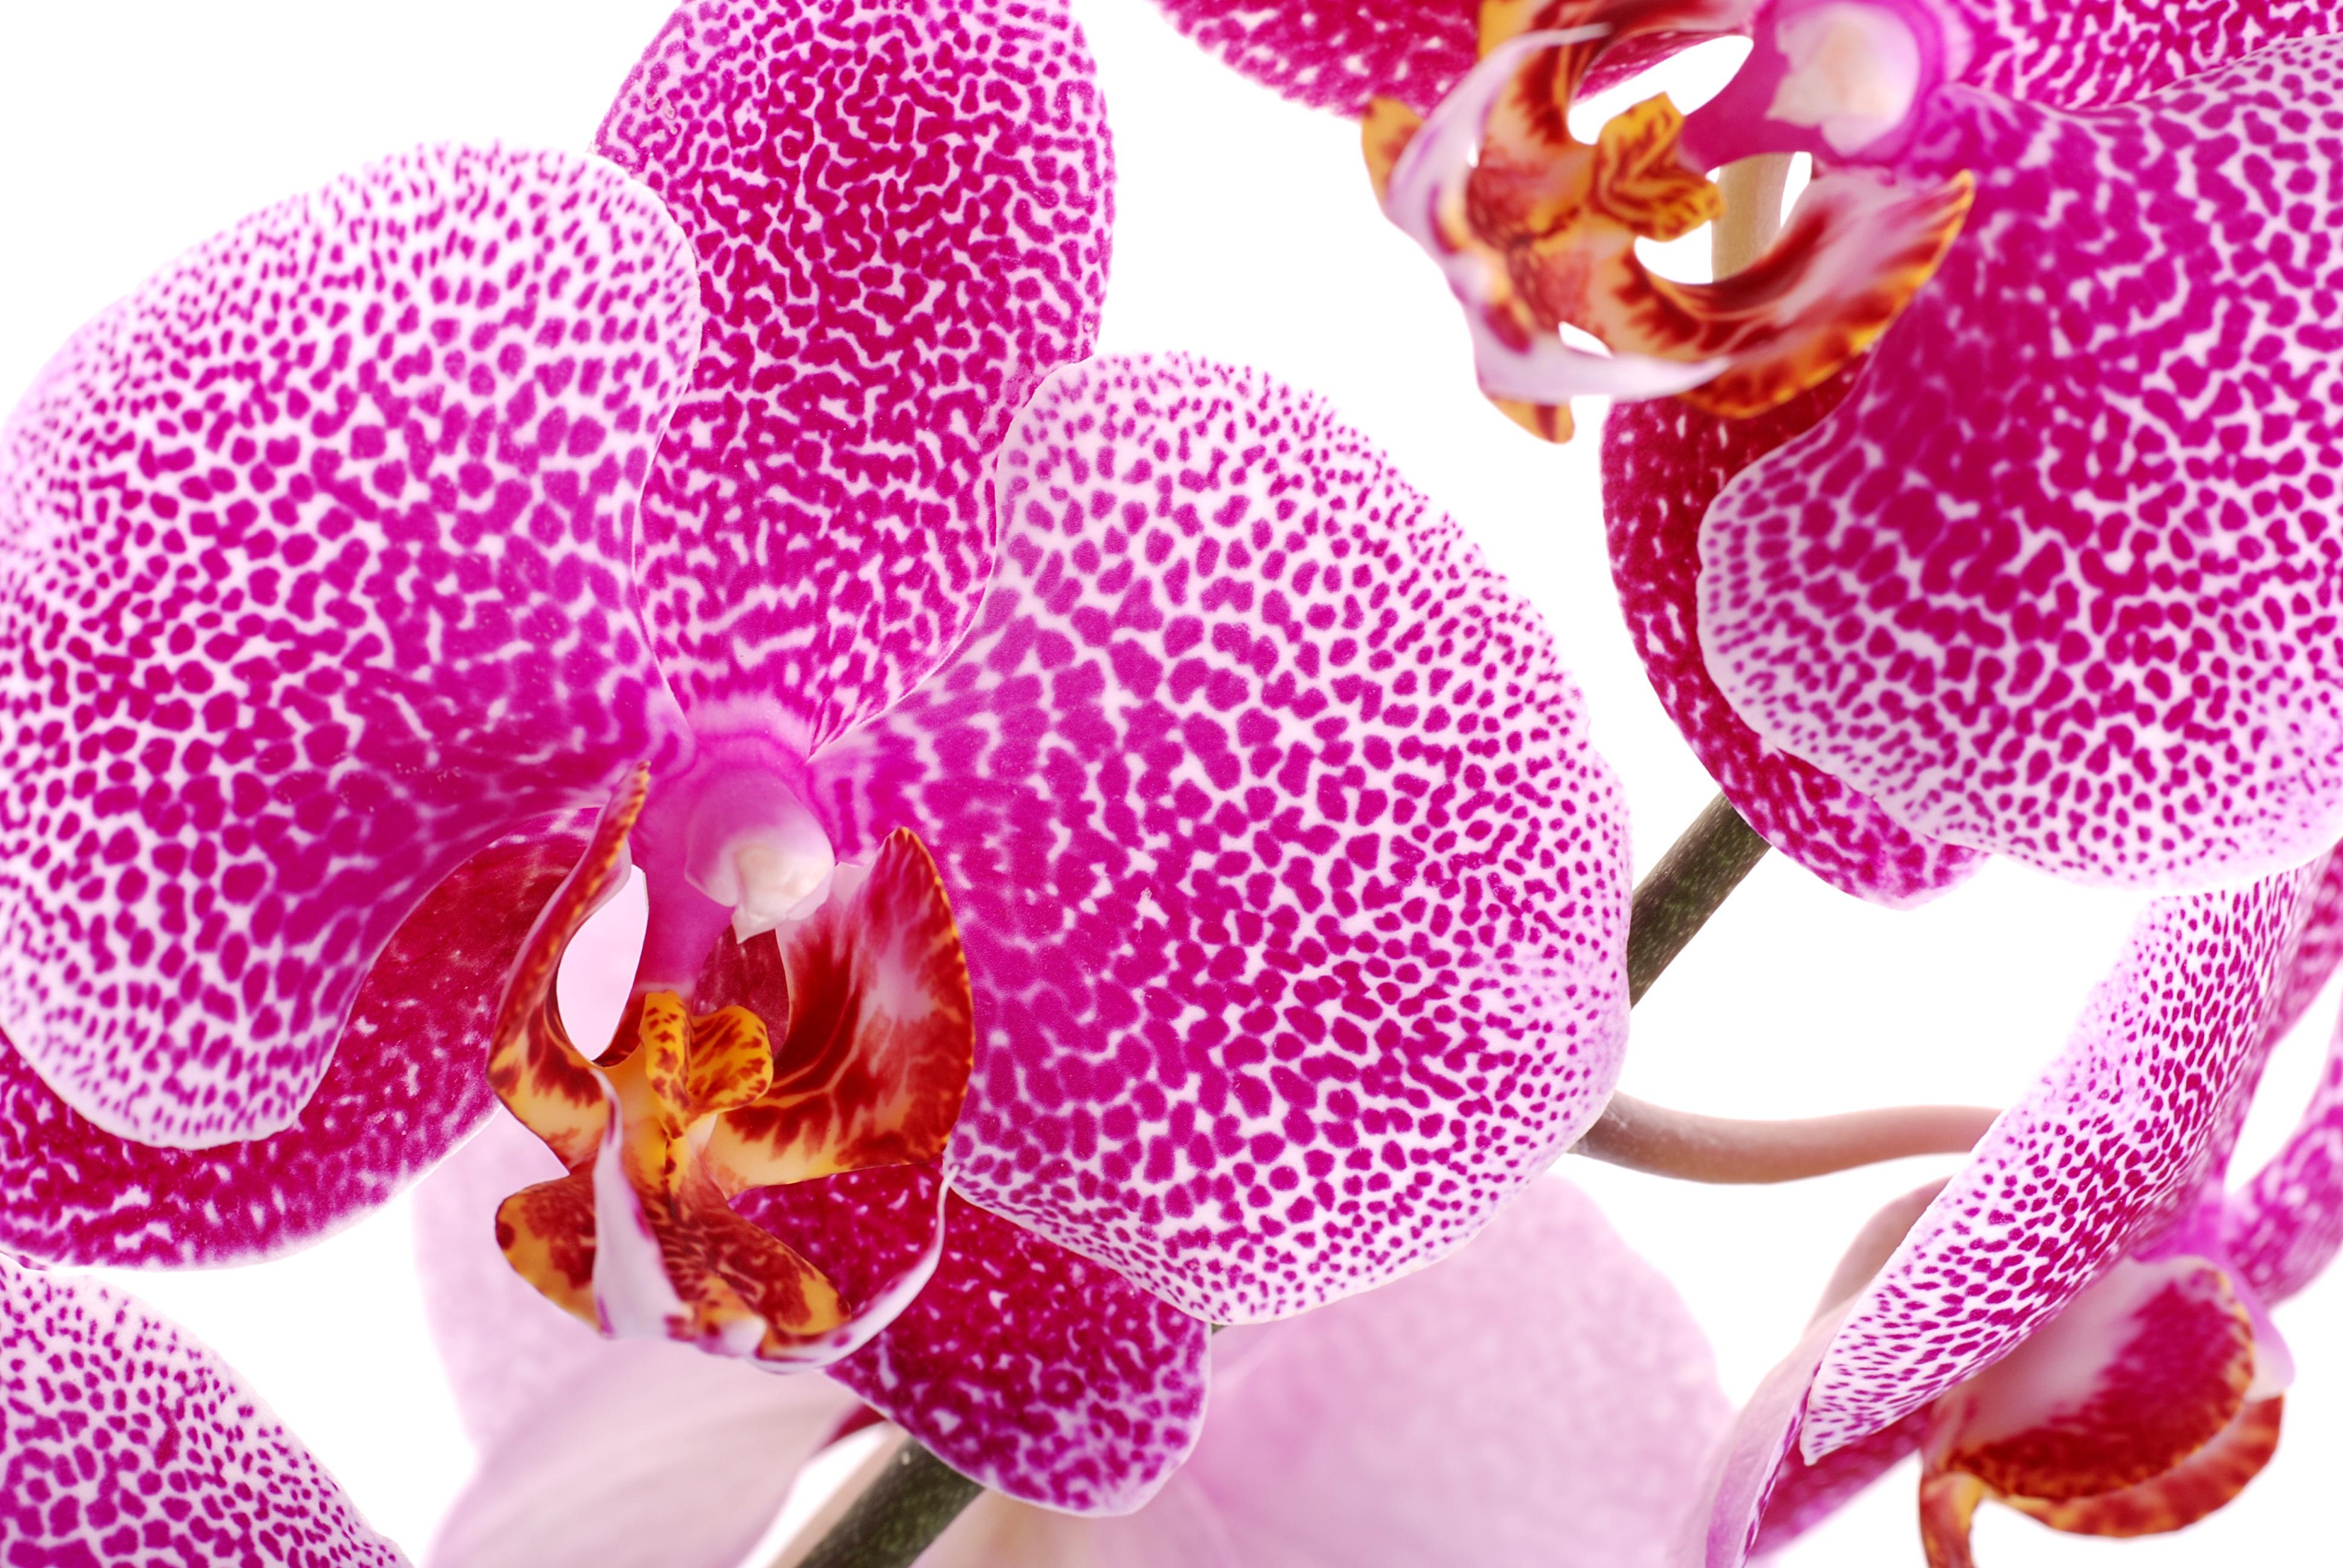 исключено, что орхидея крупным планом фото пользователи